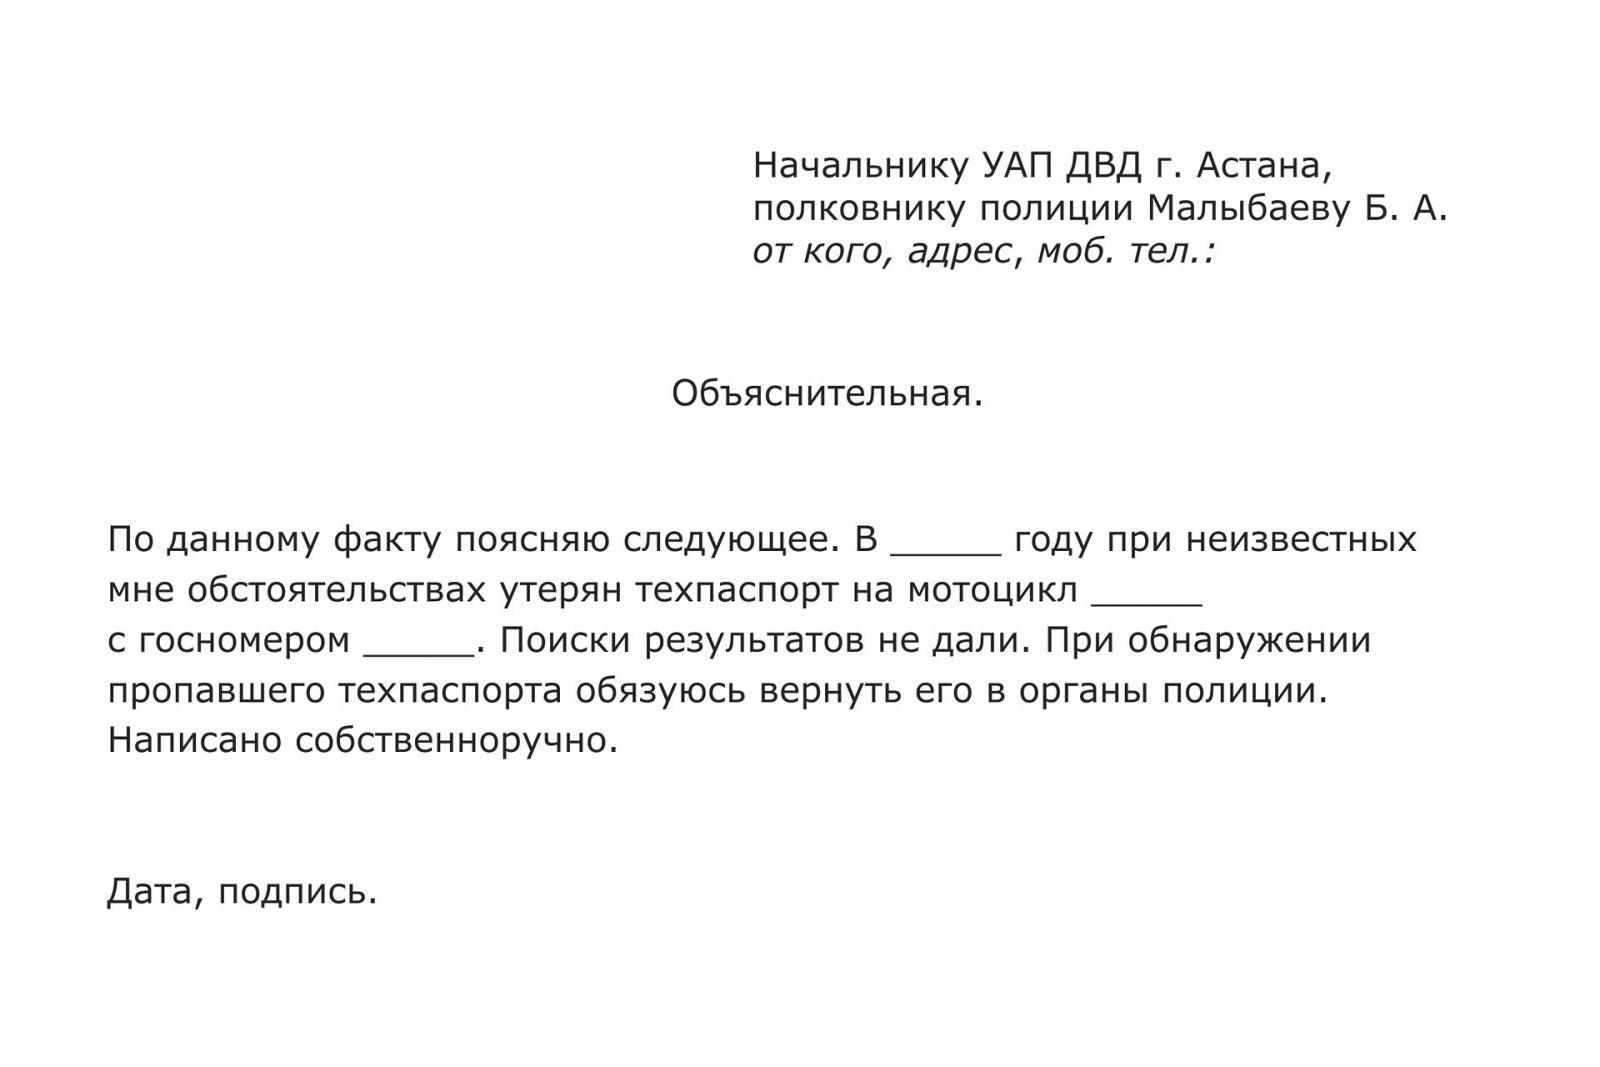 Дать объявление об утере диплома разместить объявление о прдаже квартиры на побережье чёрного моря